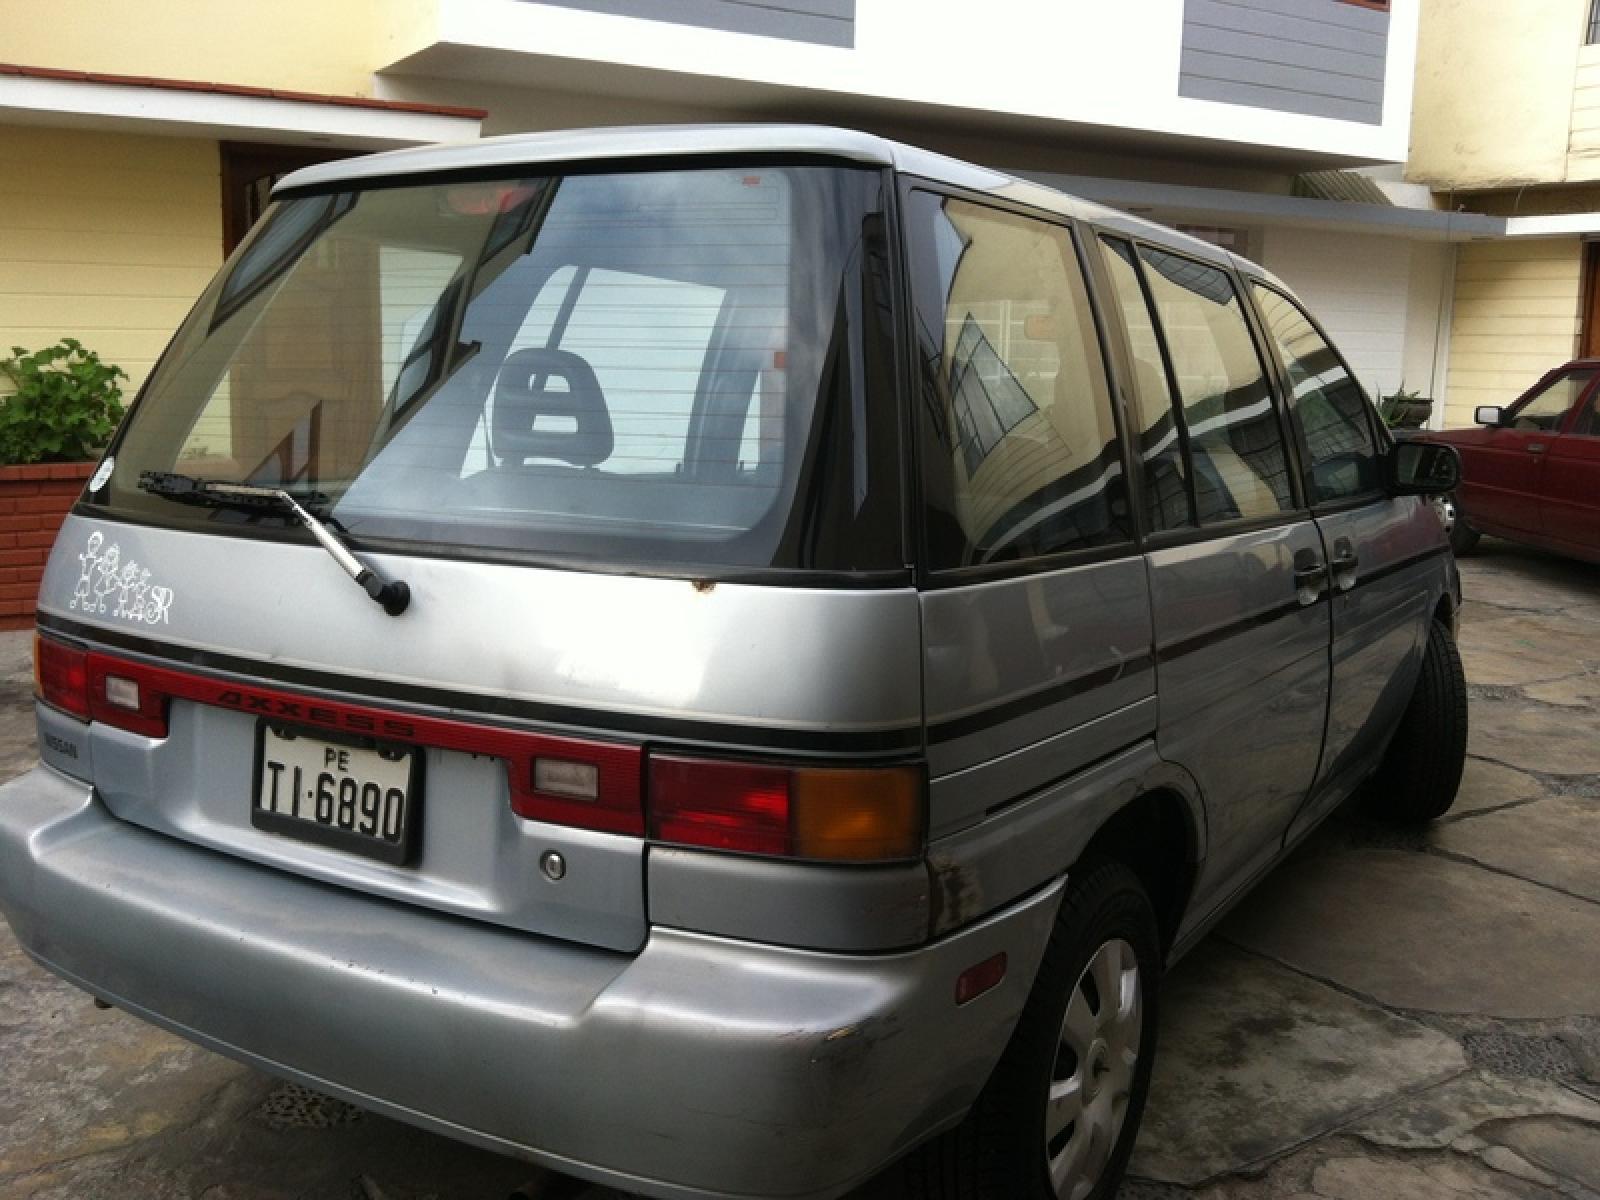 1990 Nissan Axxess #6 Nissan Axxess #6 800 1024 1280 1600 origin ...